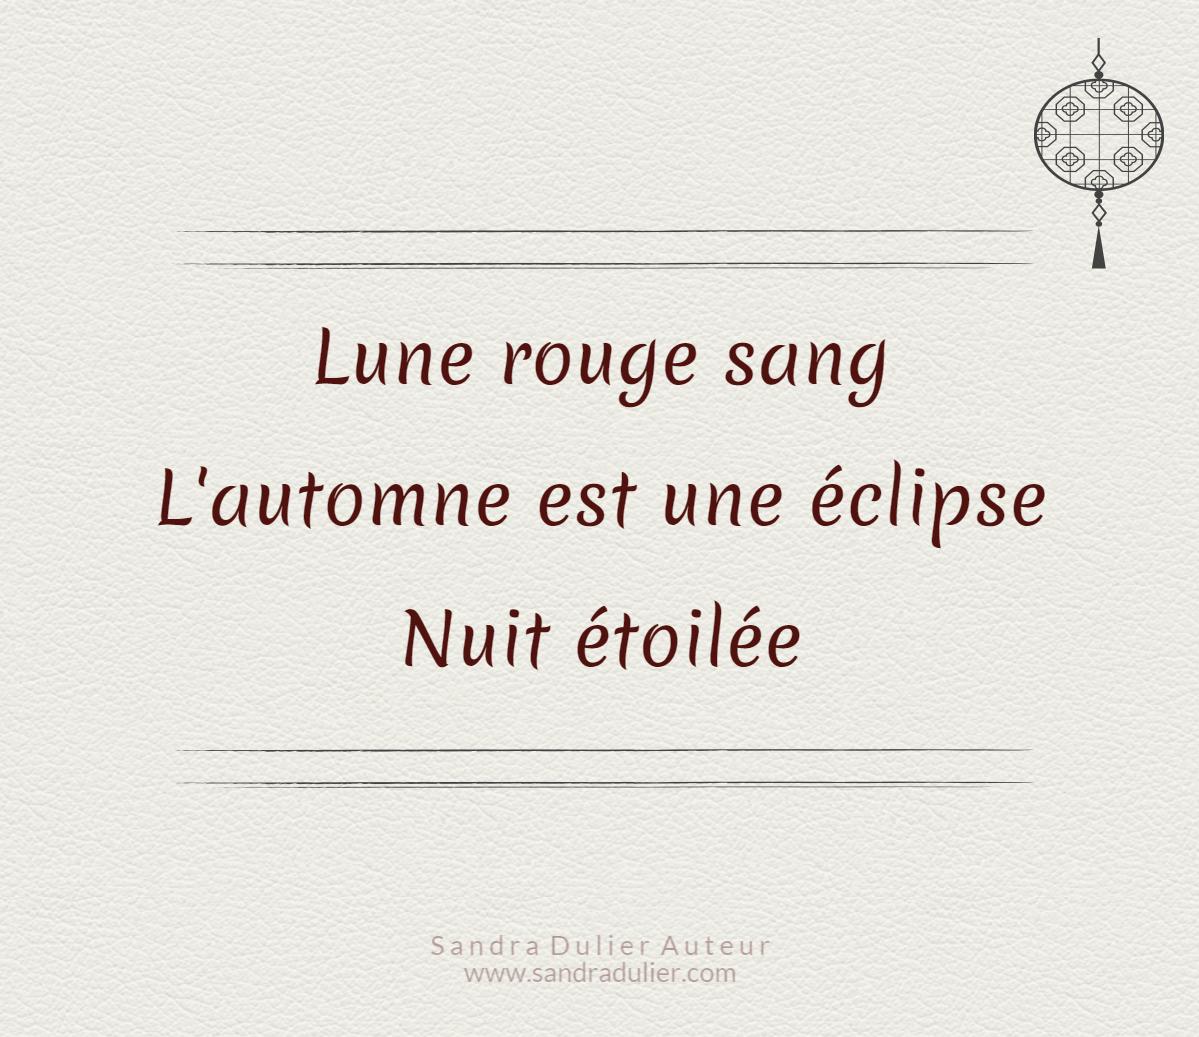 lune rouge sang haiku haiku lune